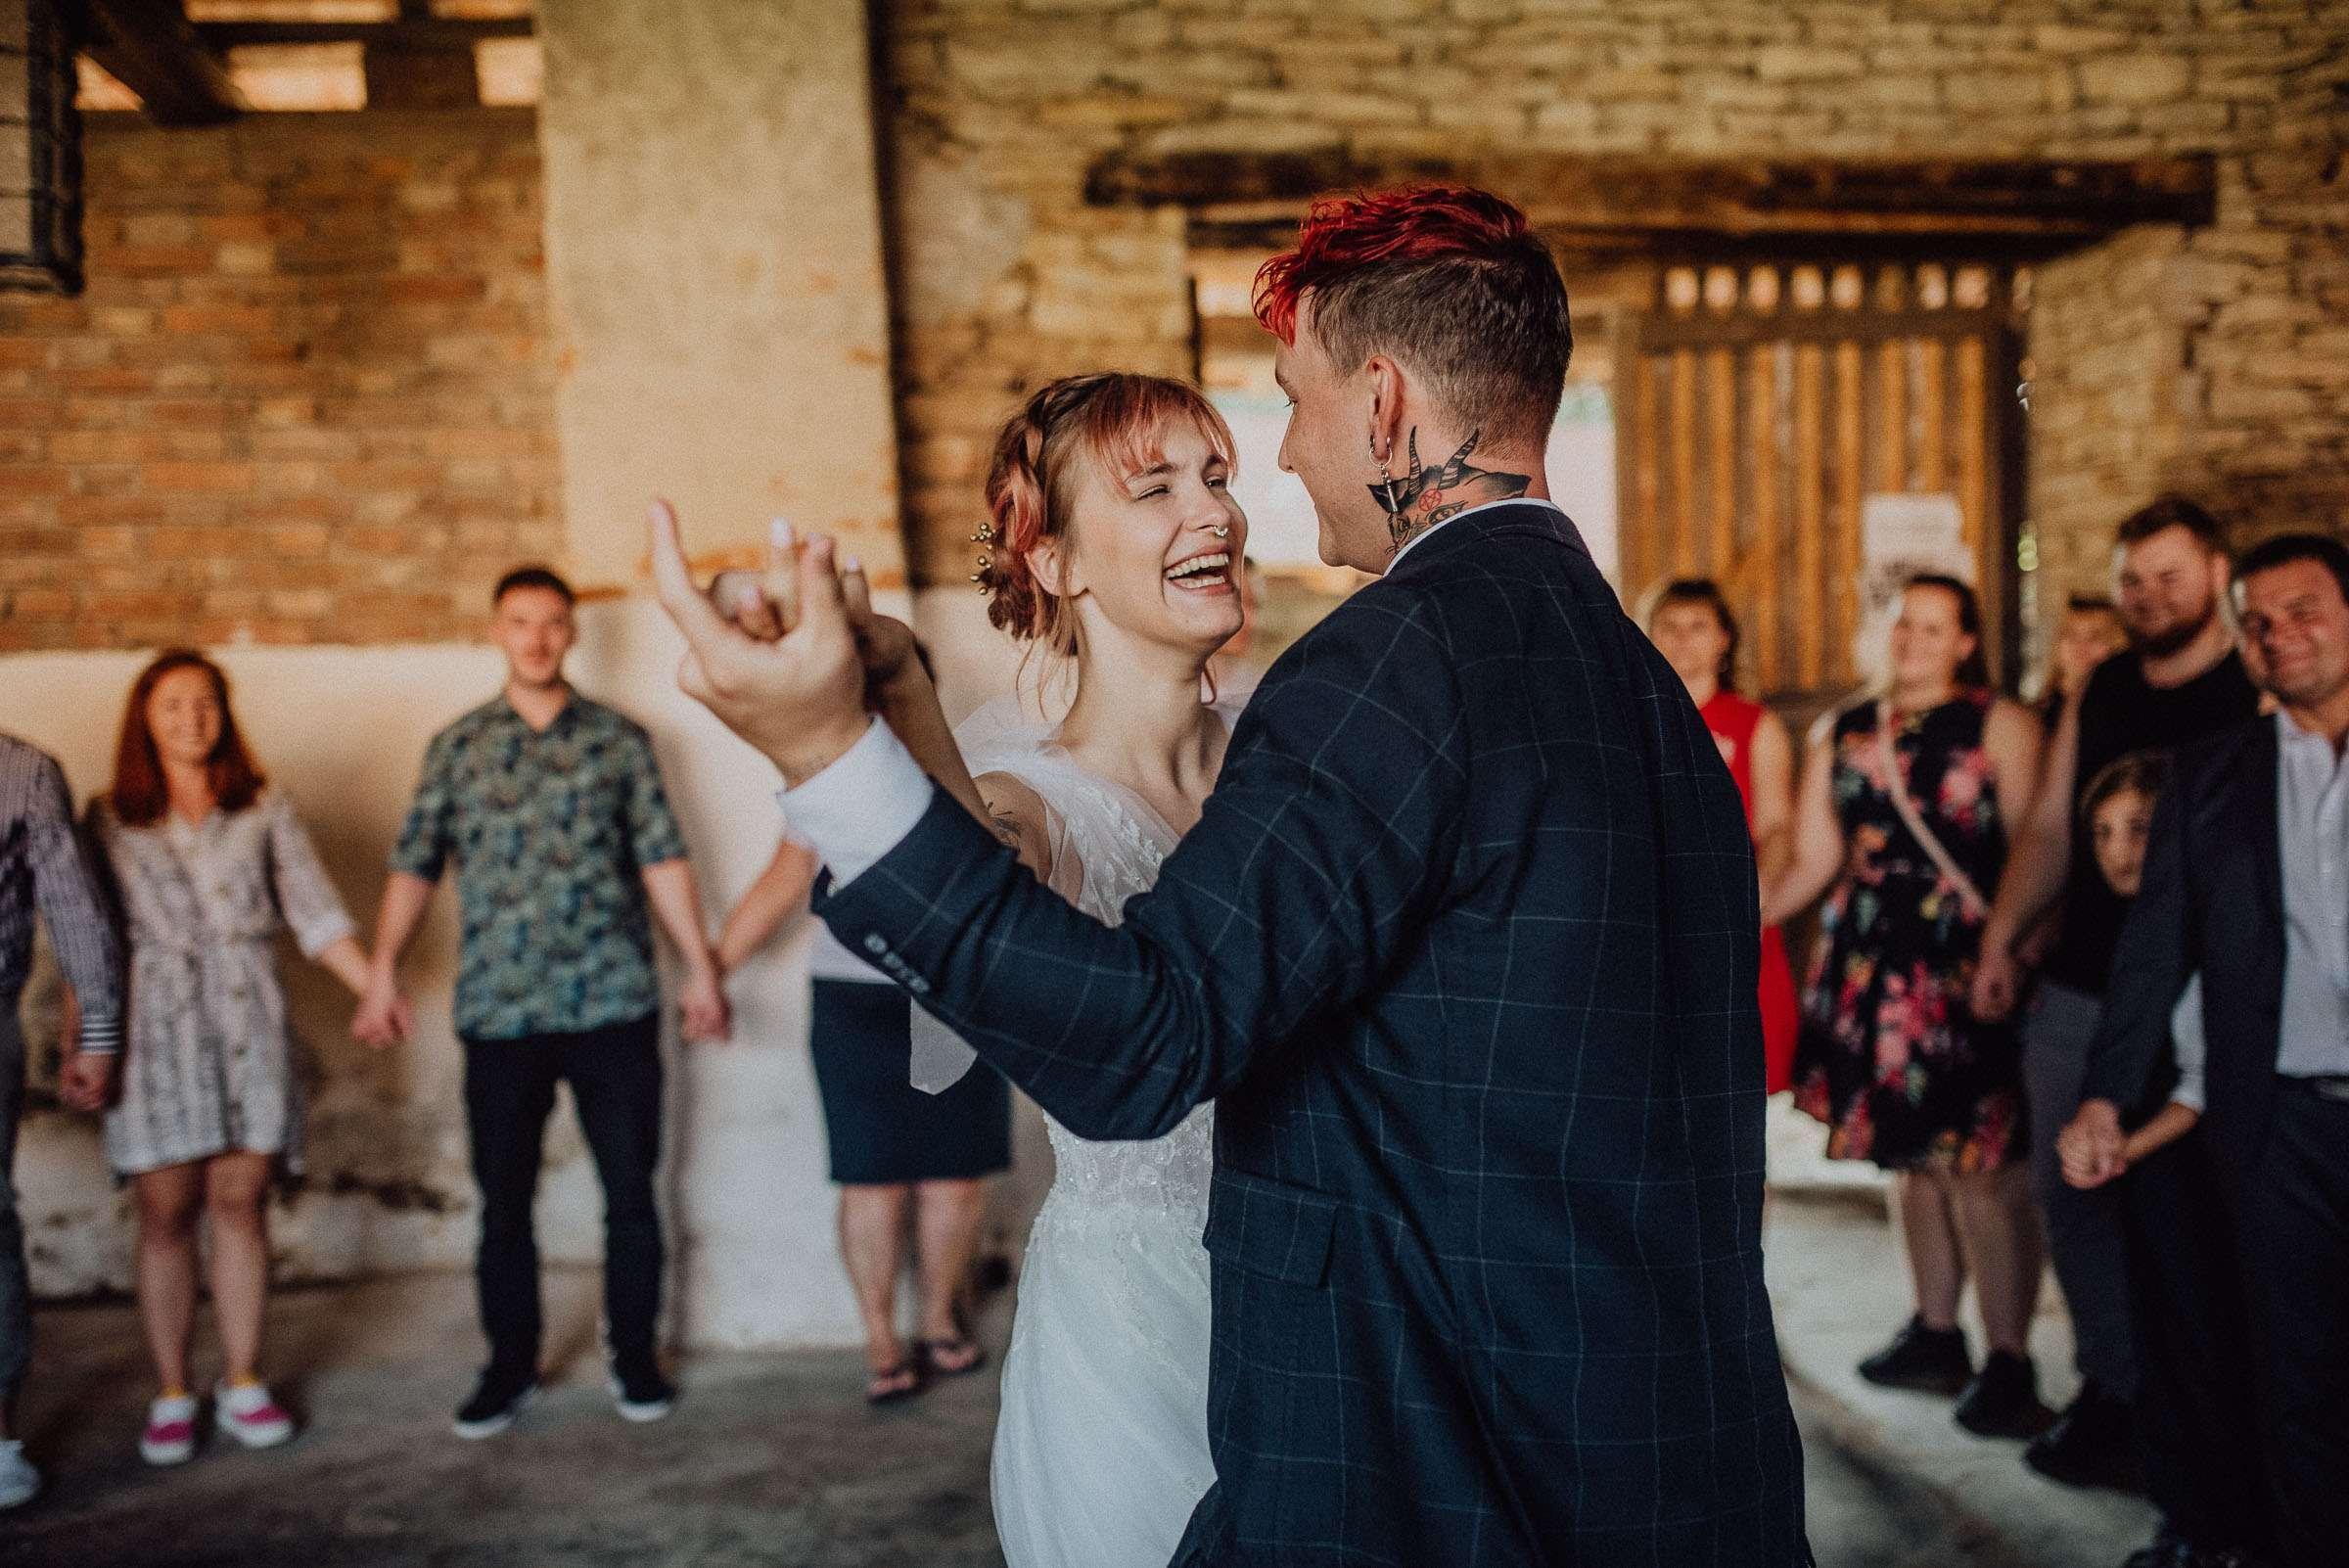 Novomanželé tančí svůj první tanec